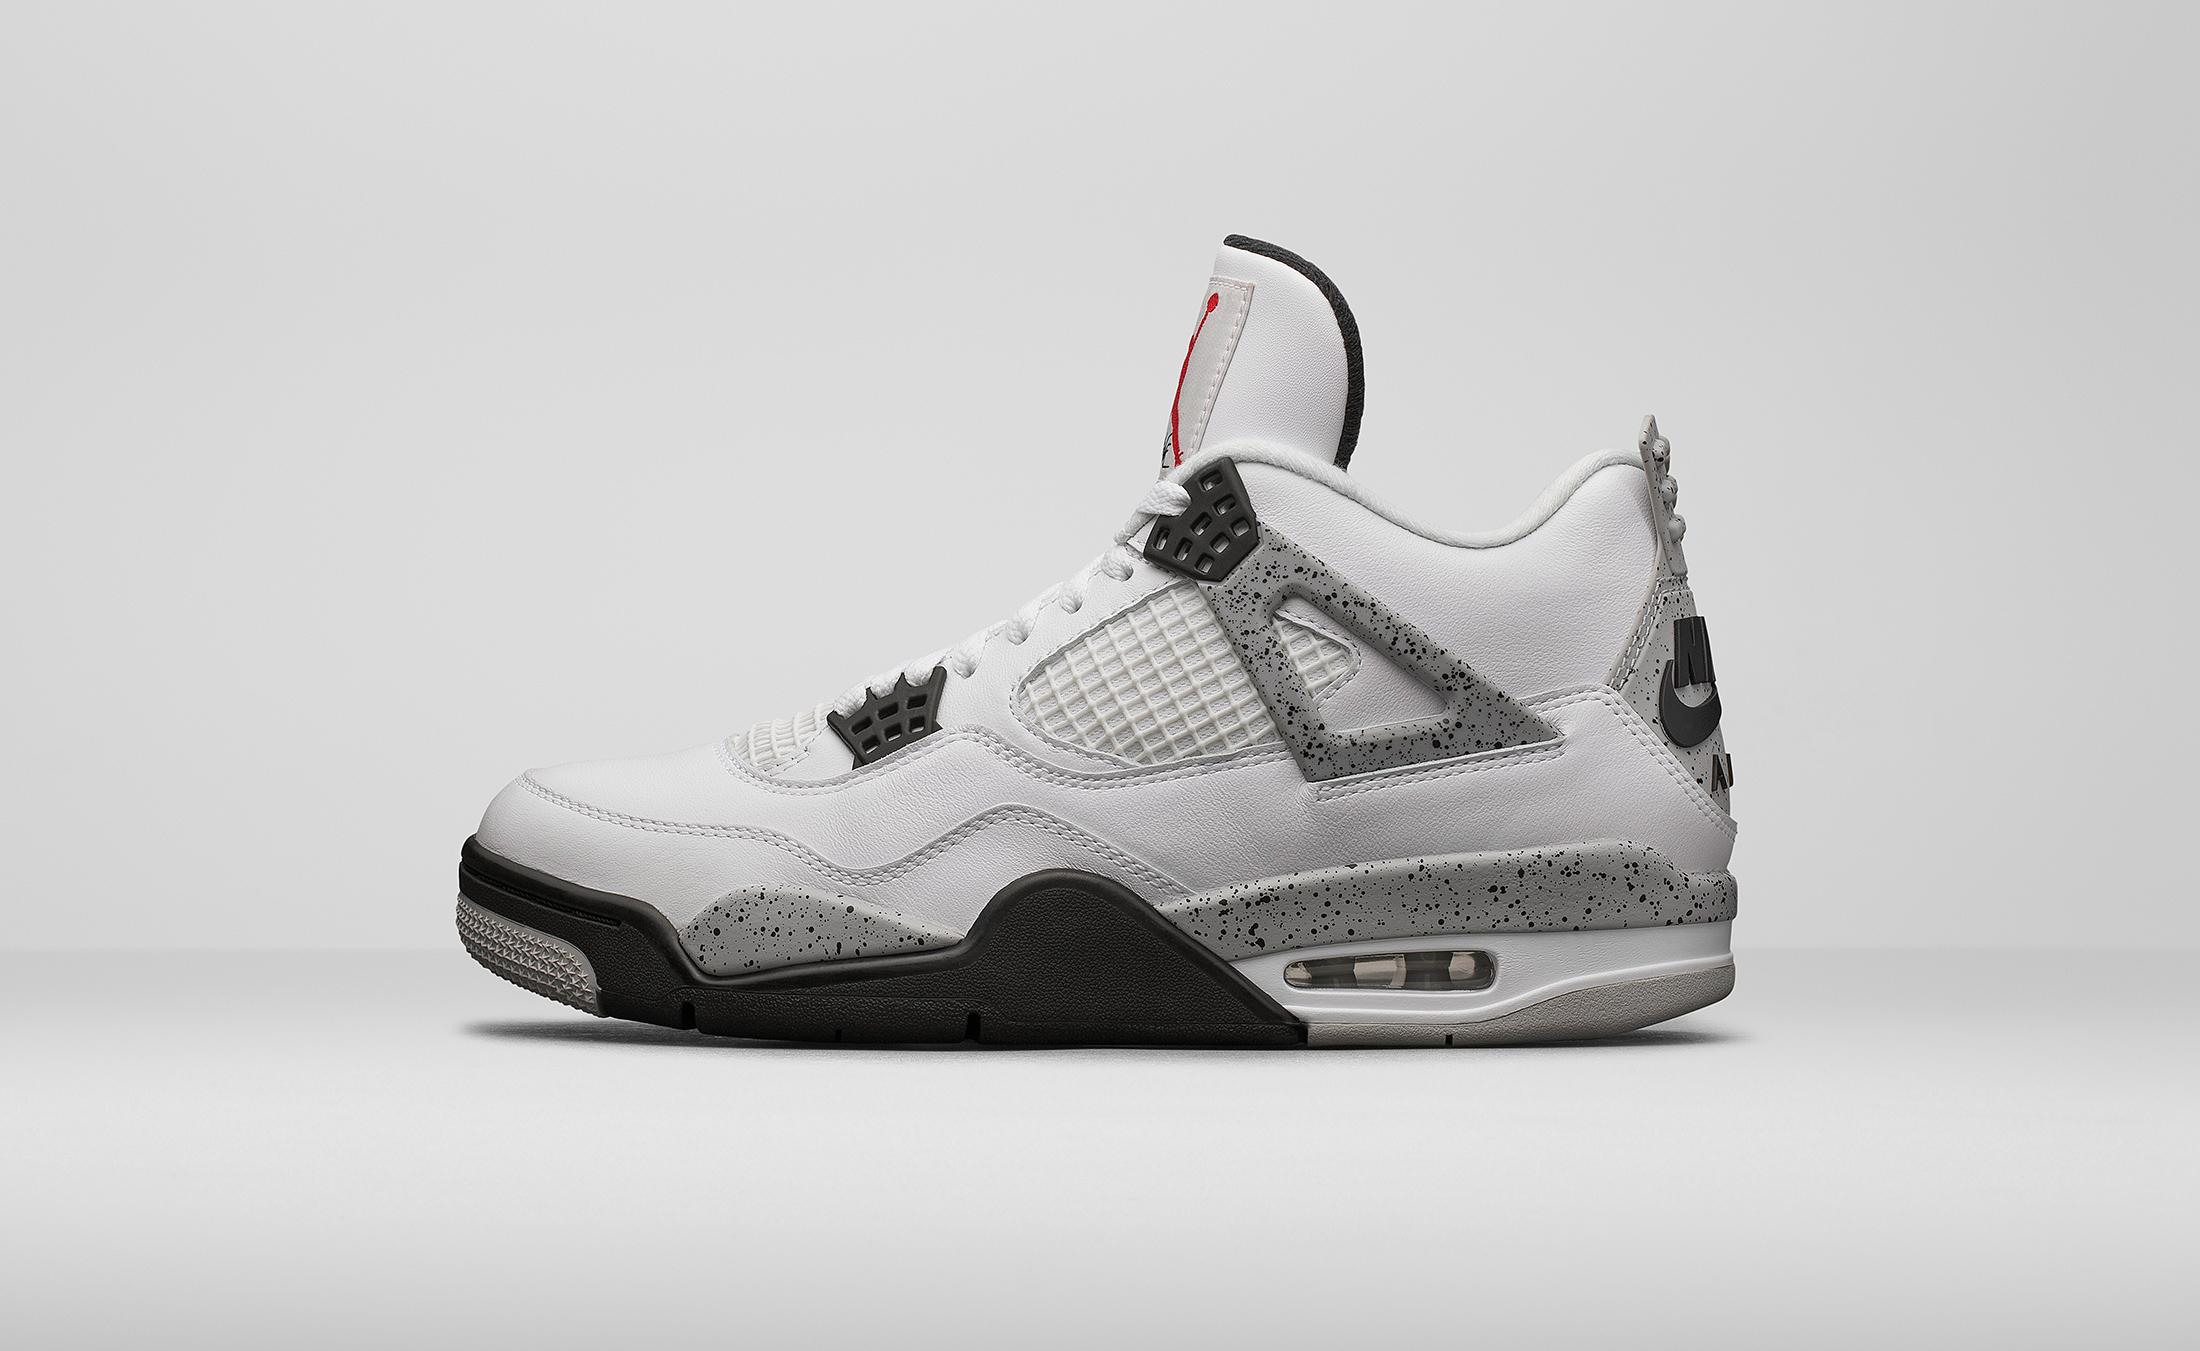 840606-192-jordan-4-white-cement-2016